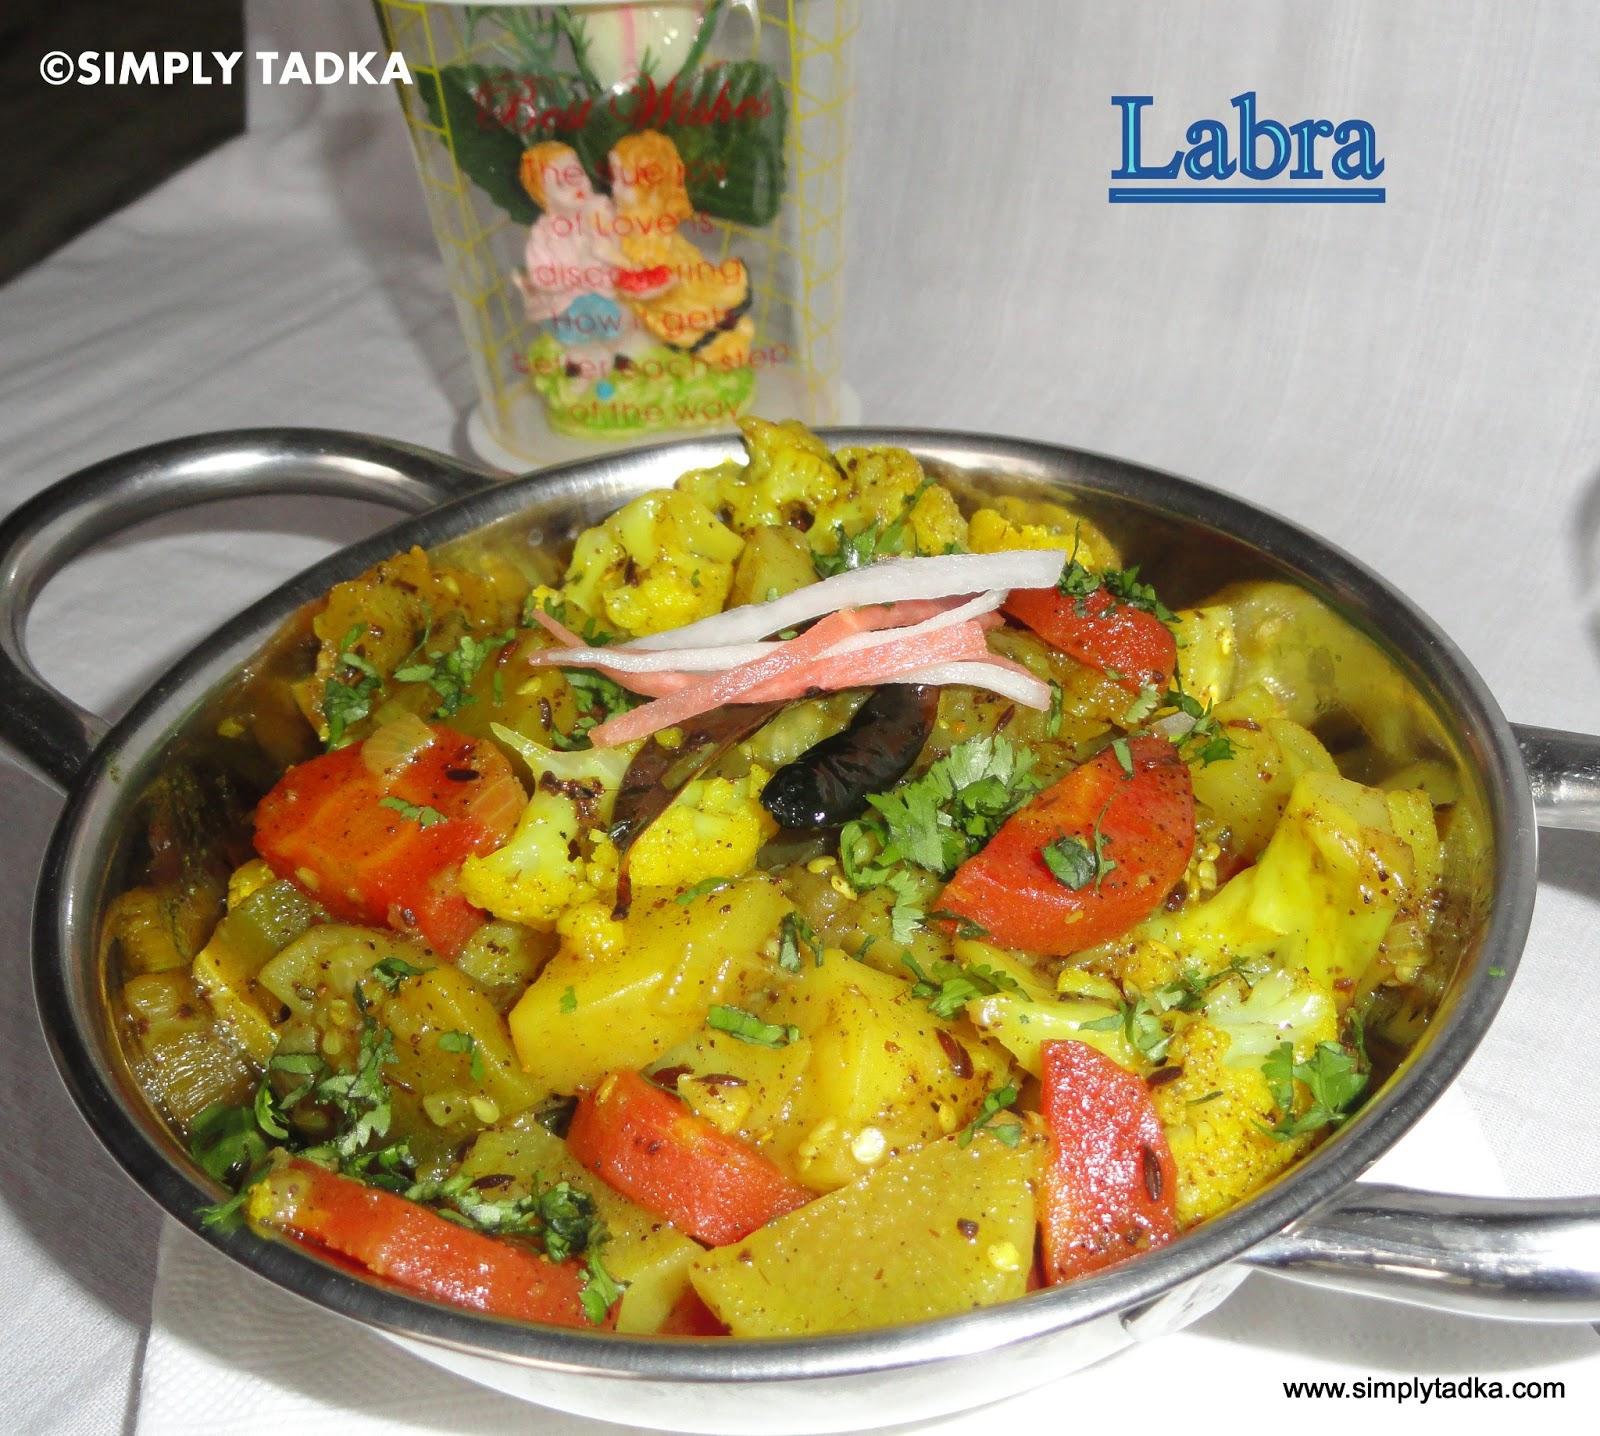 Labra assamese cuisines simply tadka for Assamese cuisine